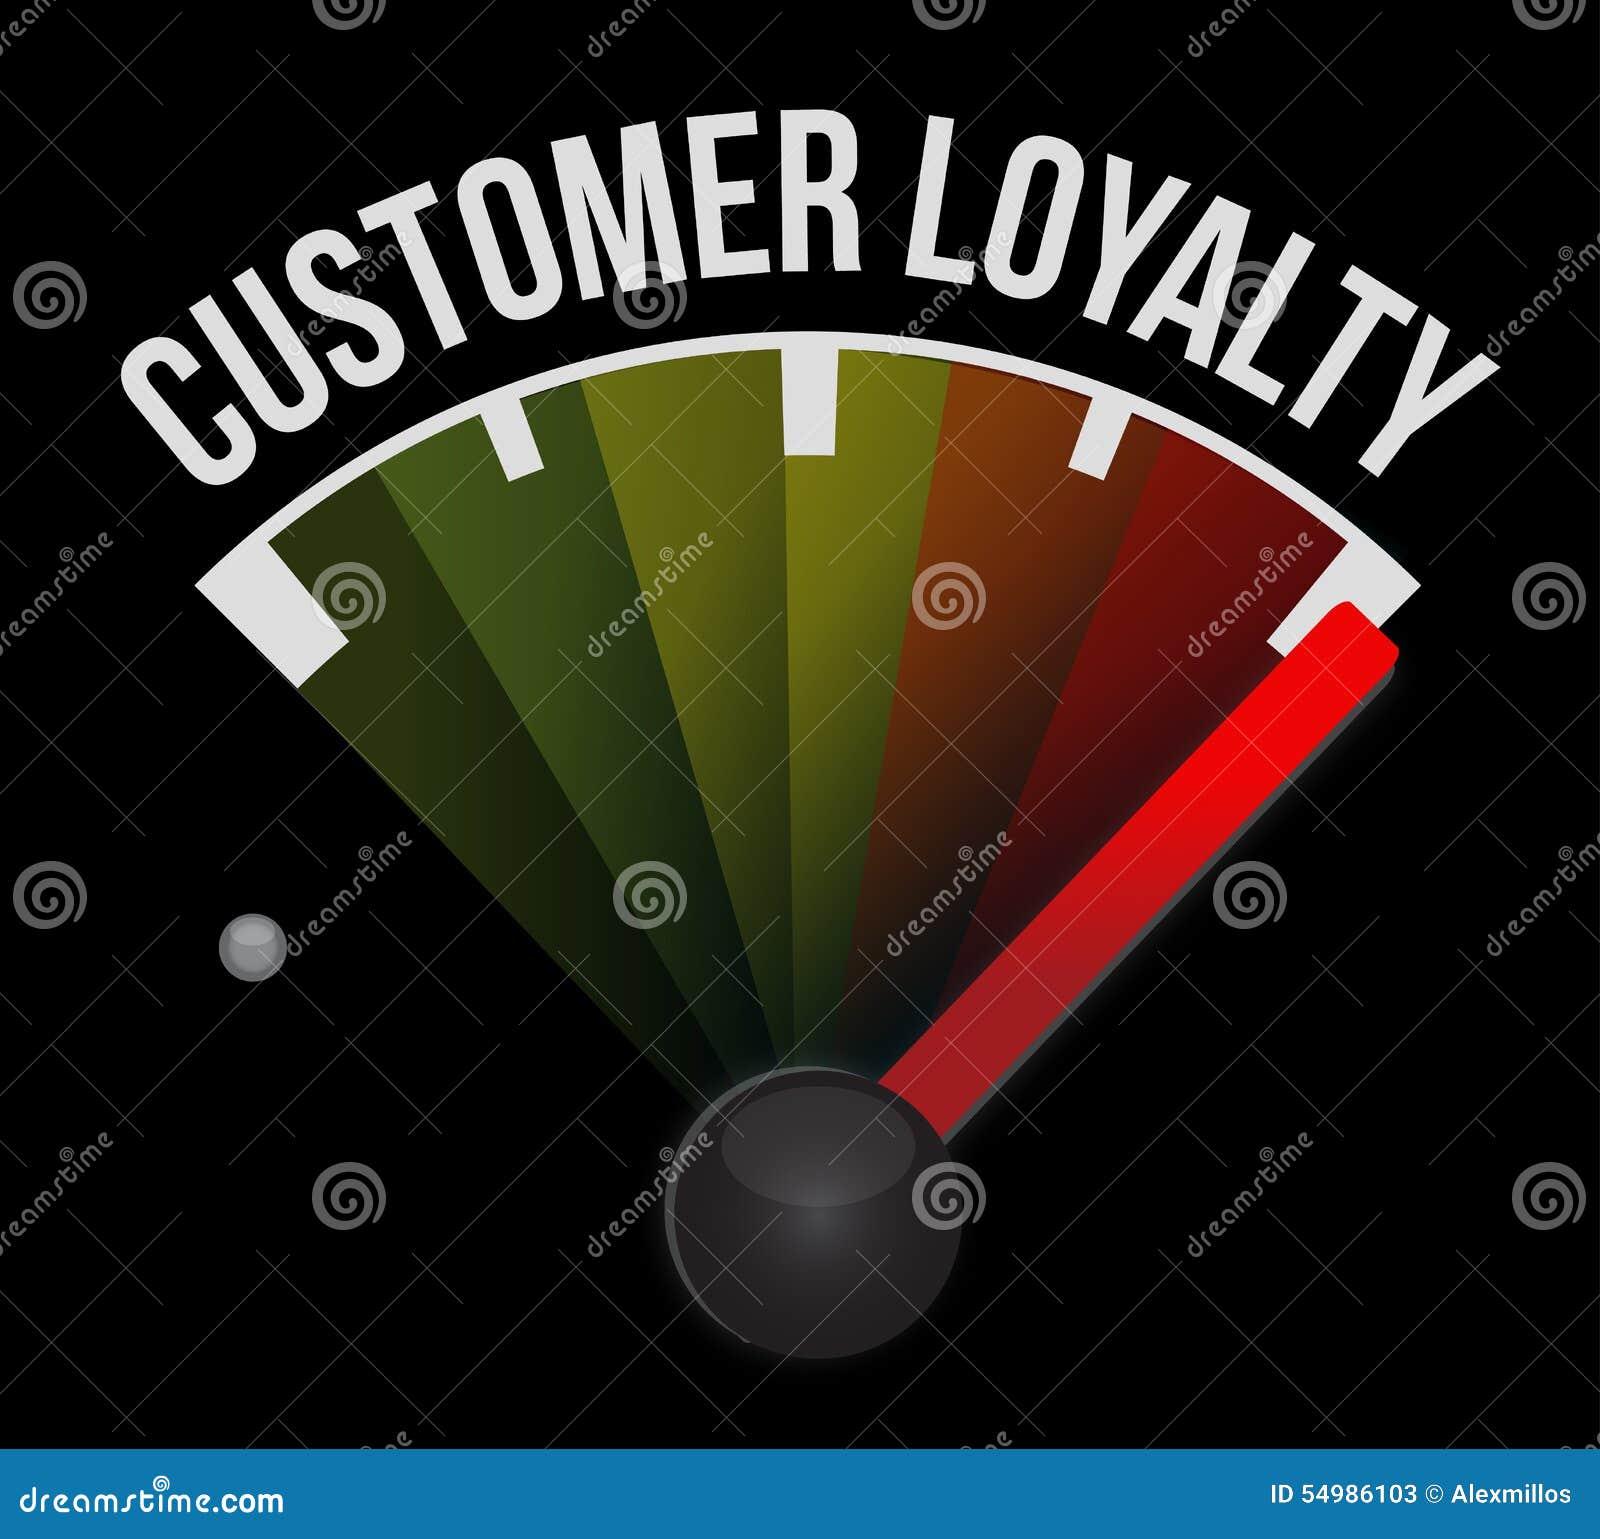 έννοια σημαδιών επιπέδων πίστης πελατών